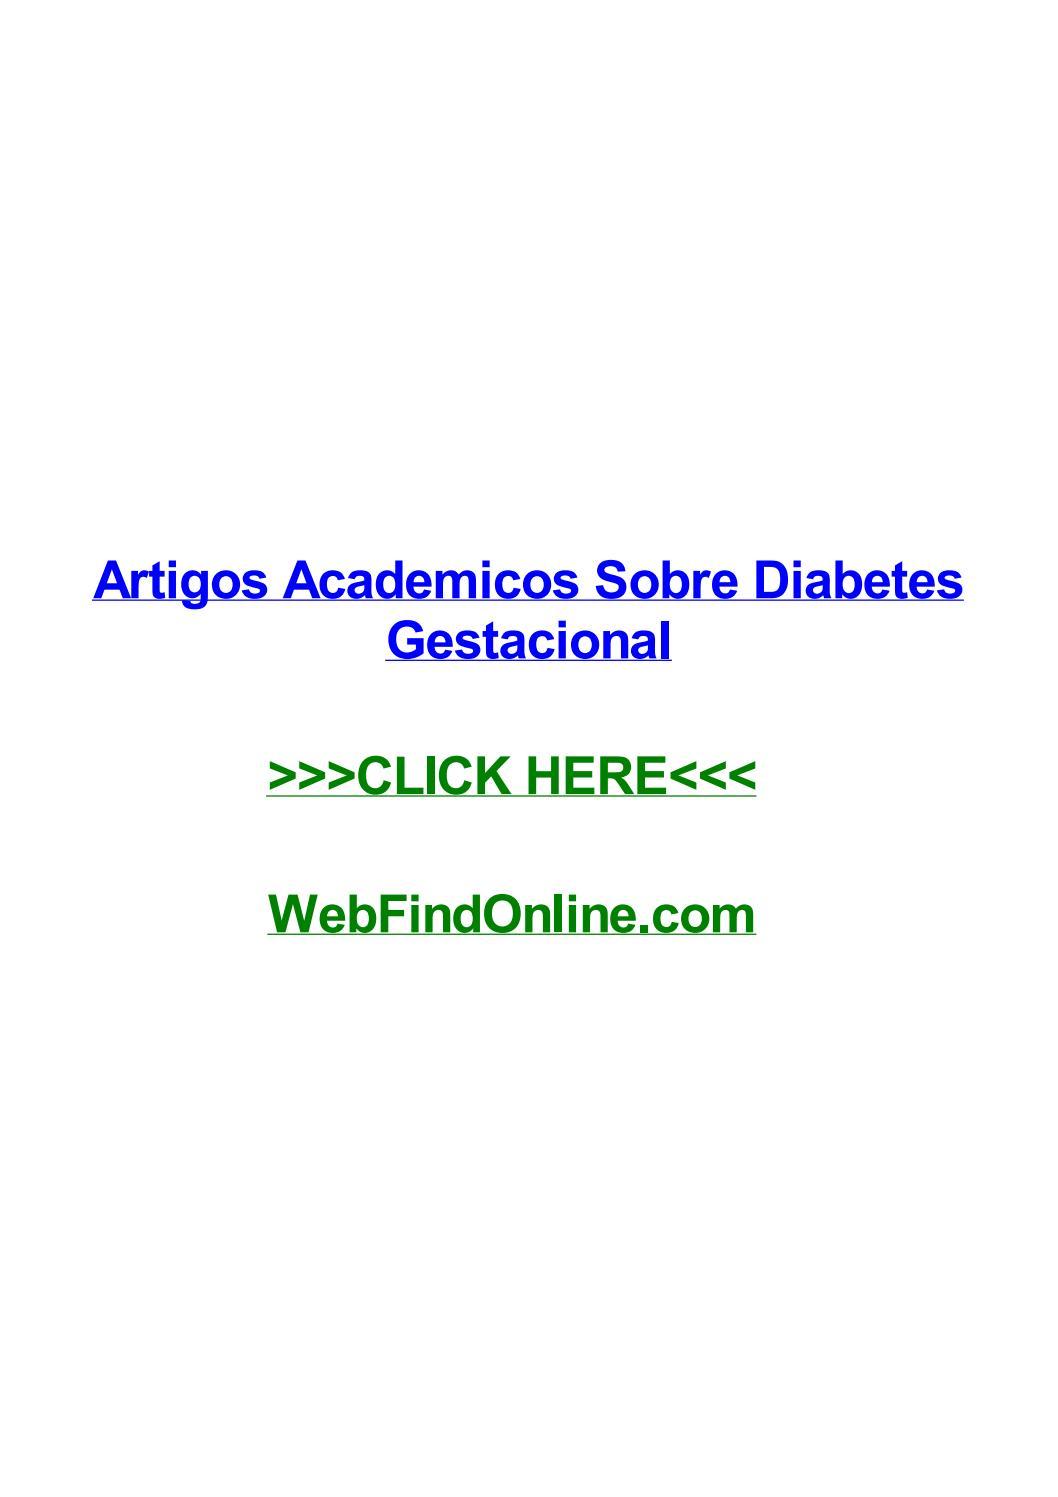 artigos academicos diabetes gestacional